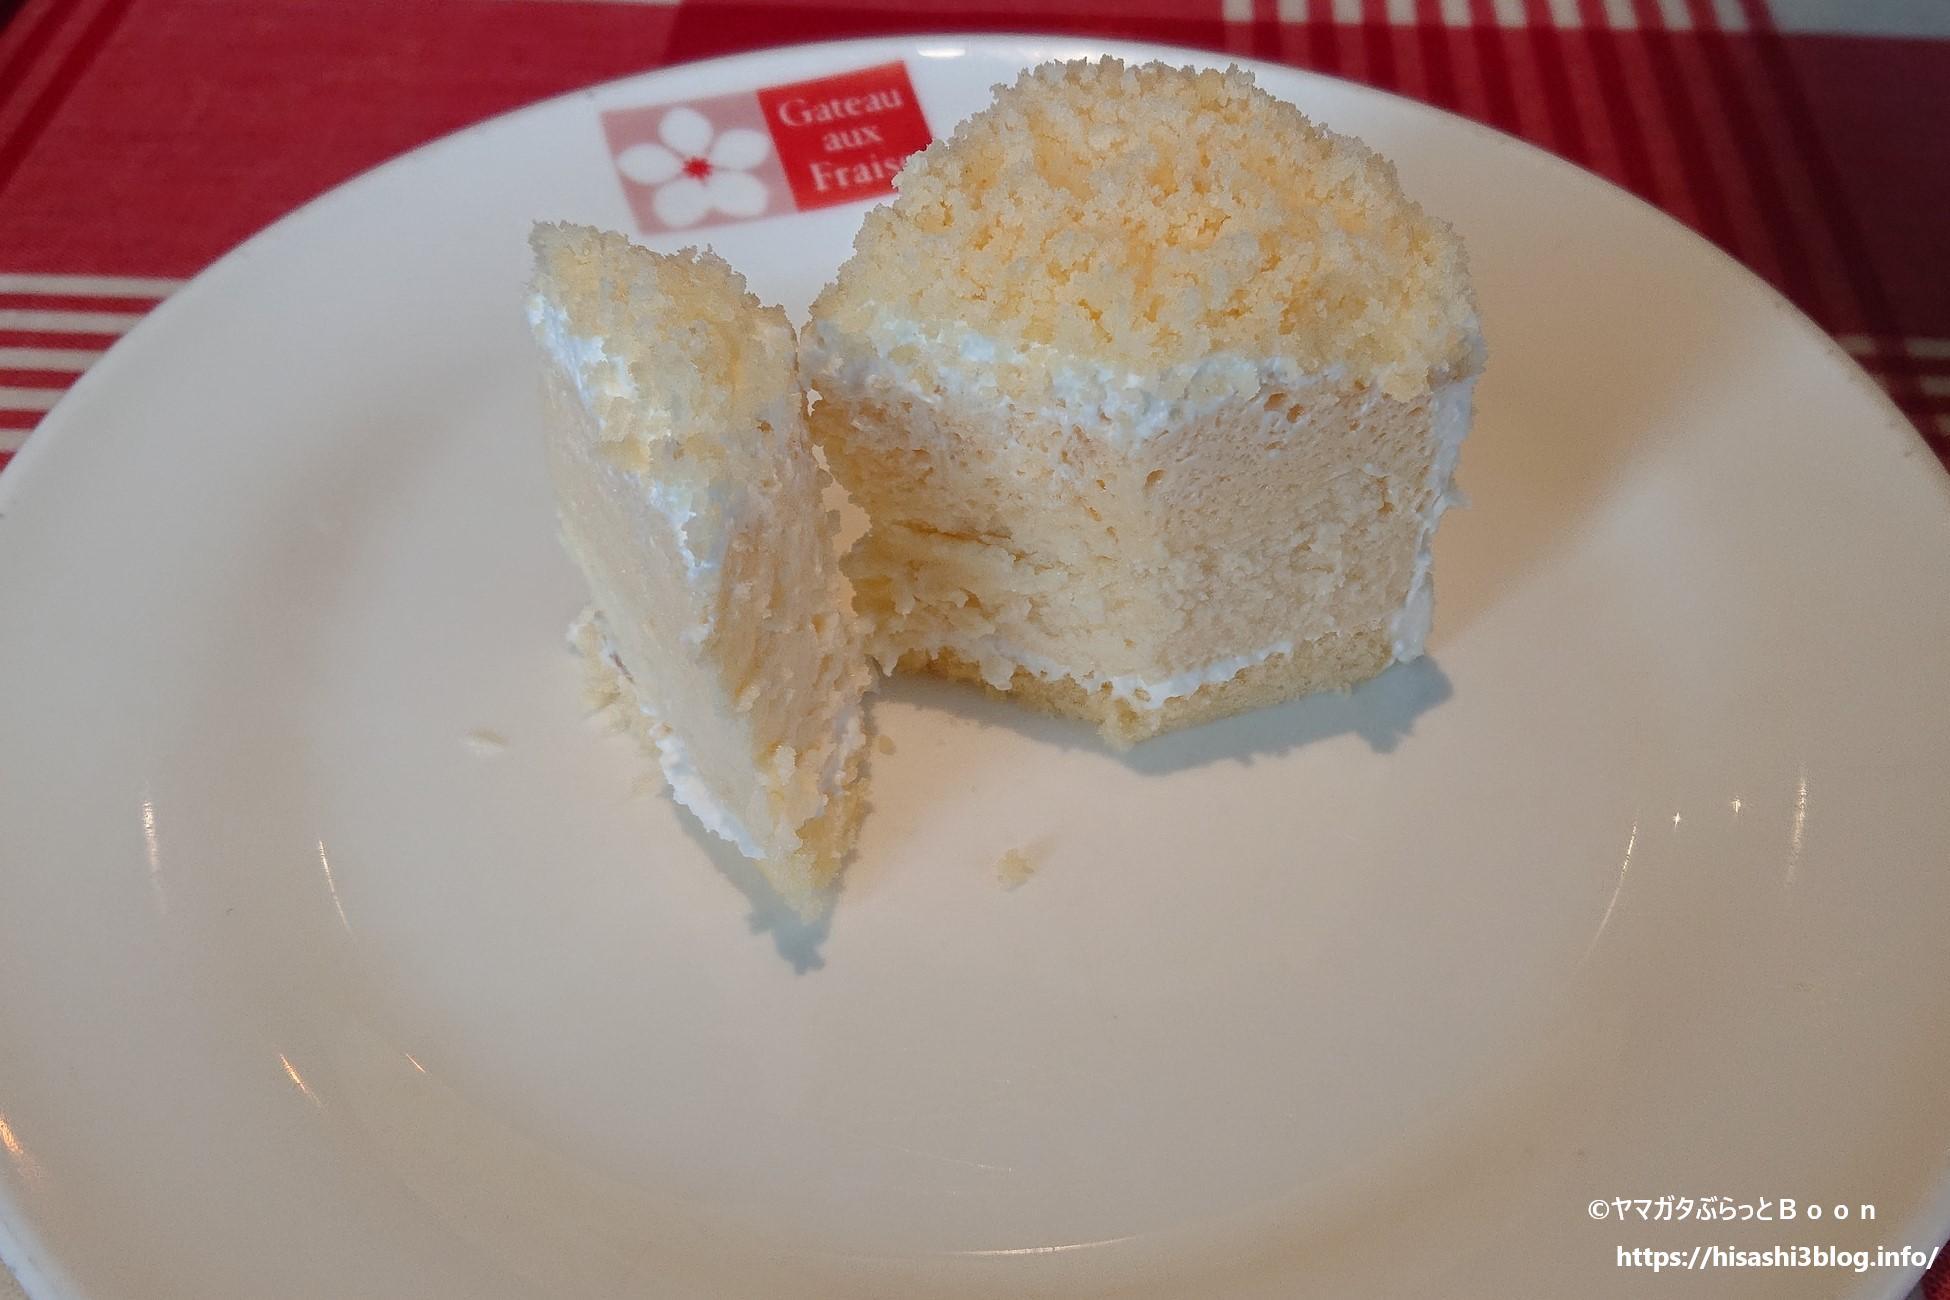 ガトーフレーズのチーズケーキ2